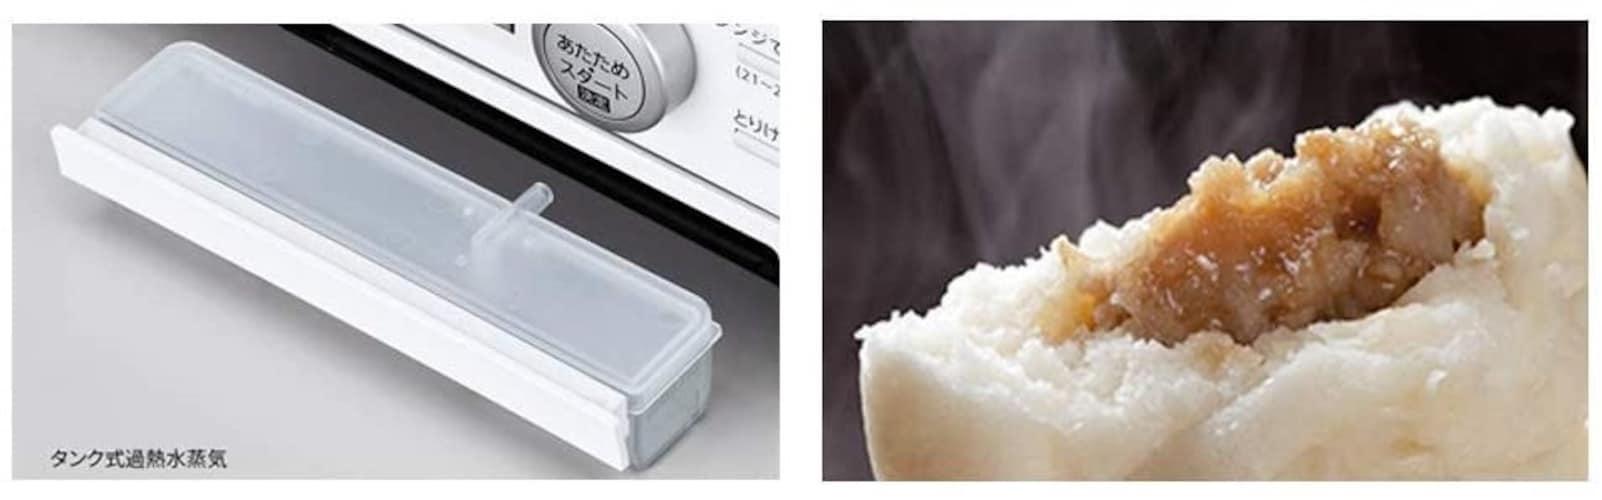 ■過熱水蒸気タイプ